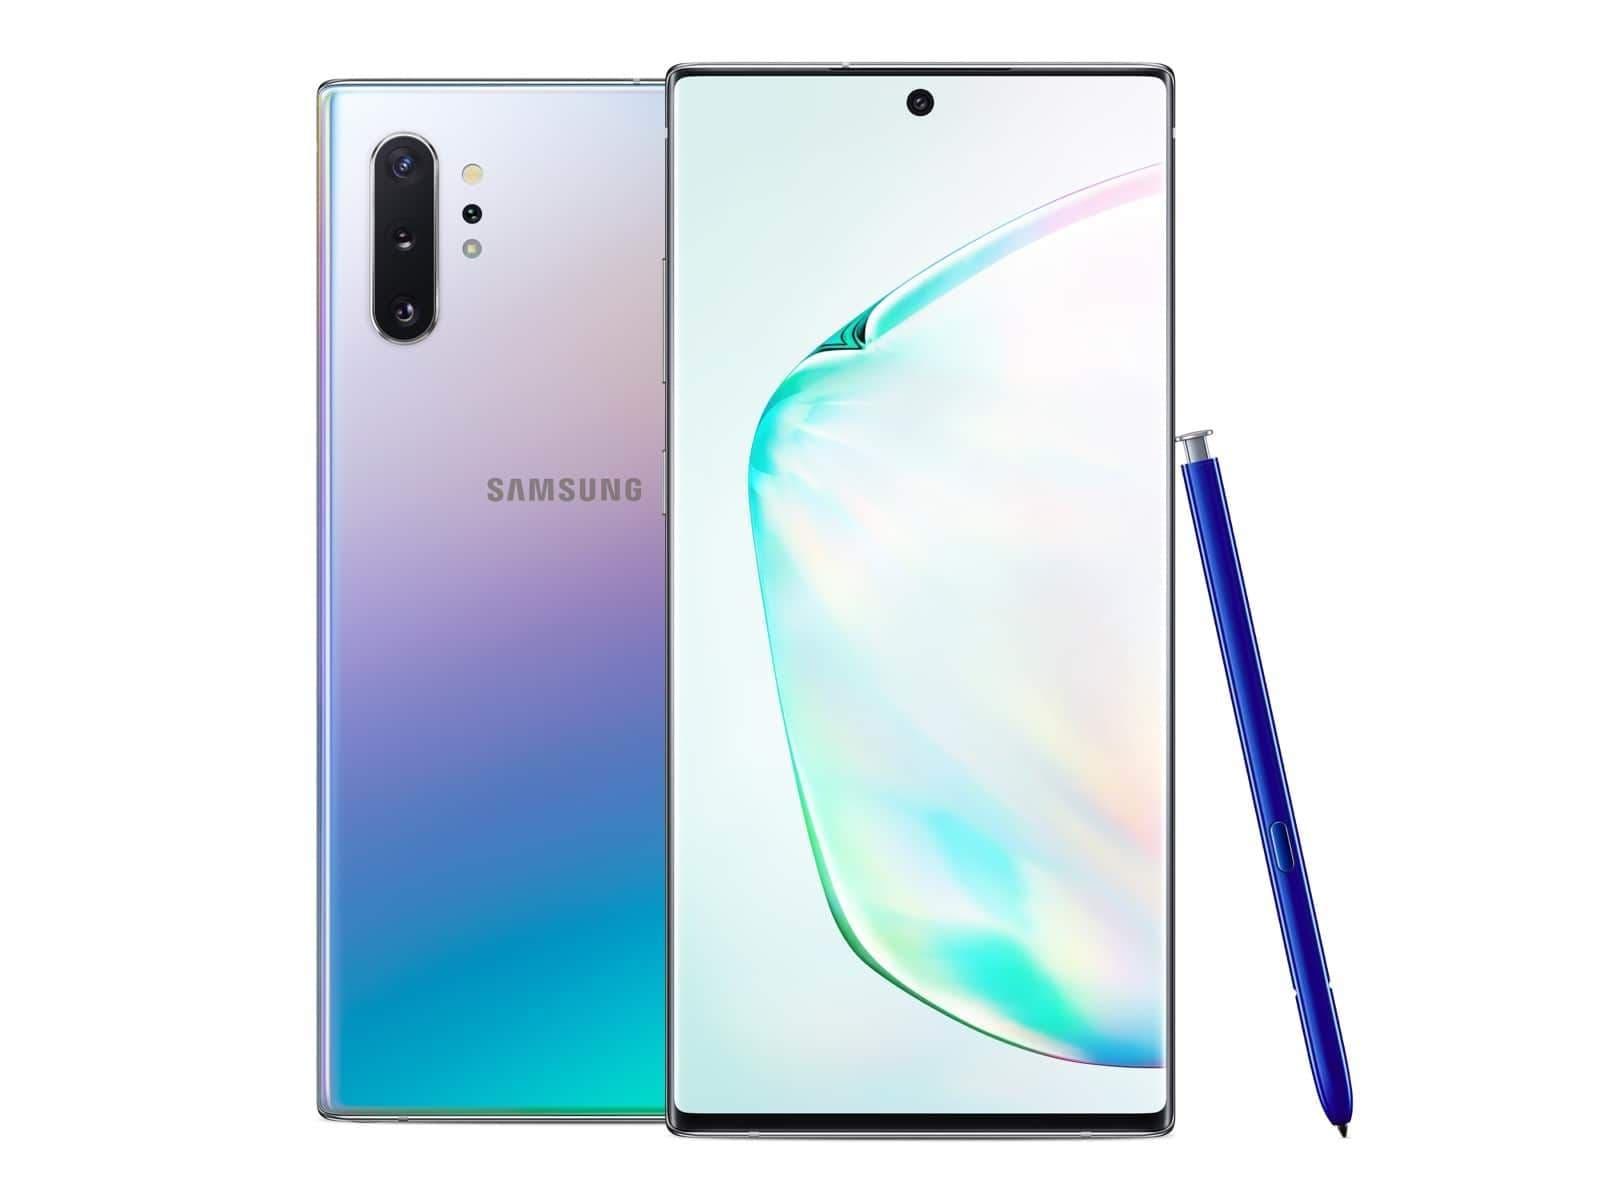 Samsung Galaxy Note 10+ (RAM 12 GB, 256 GB, Aura Glow)